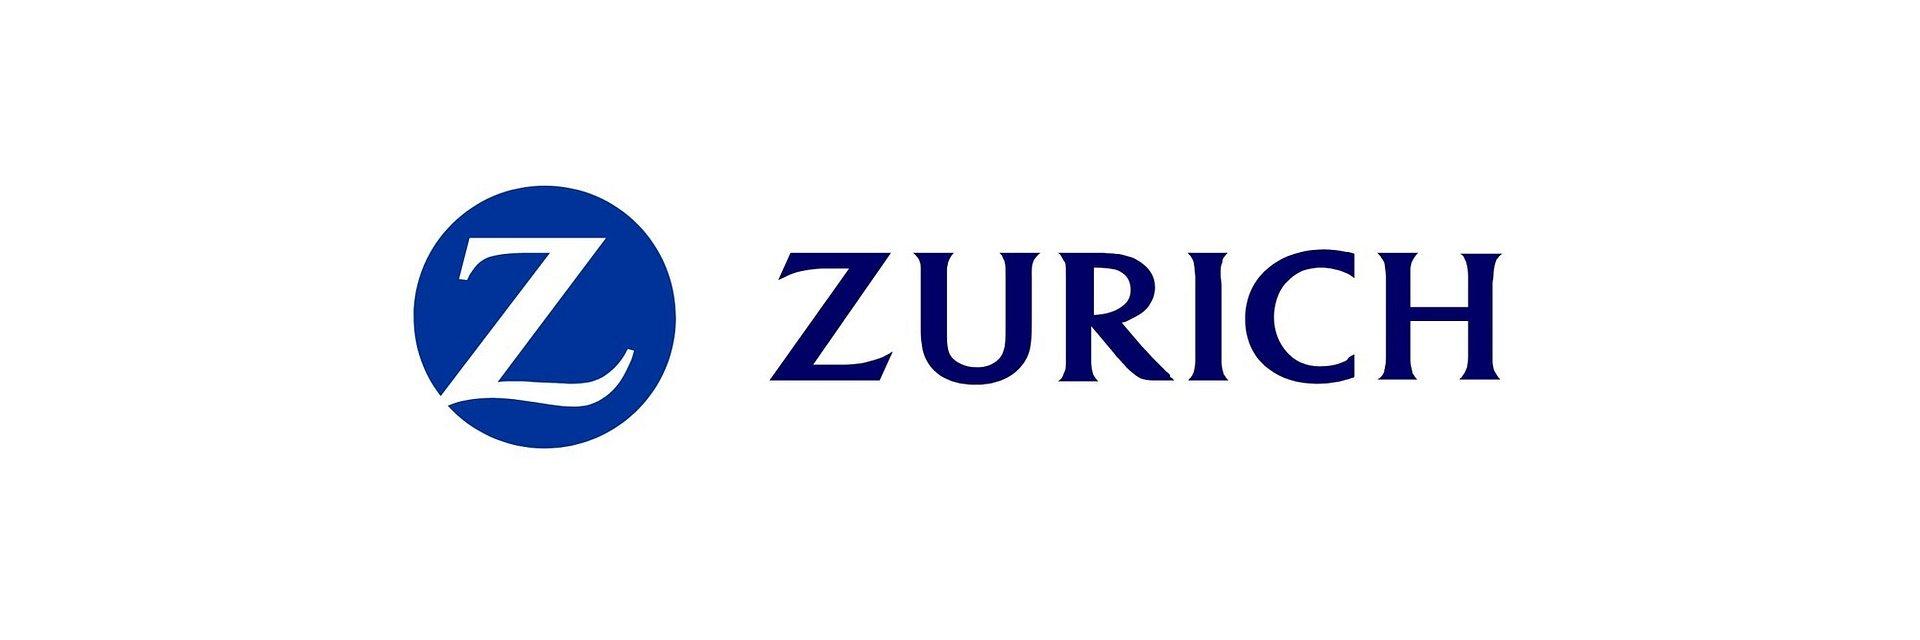 """Zurich Portugal e """"Z Zurich Foundation"""" doam mais de 400 mil euros à Cruz Vermelha Portuguesa"""